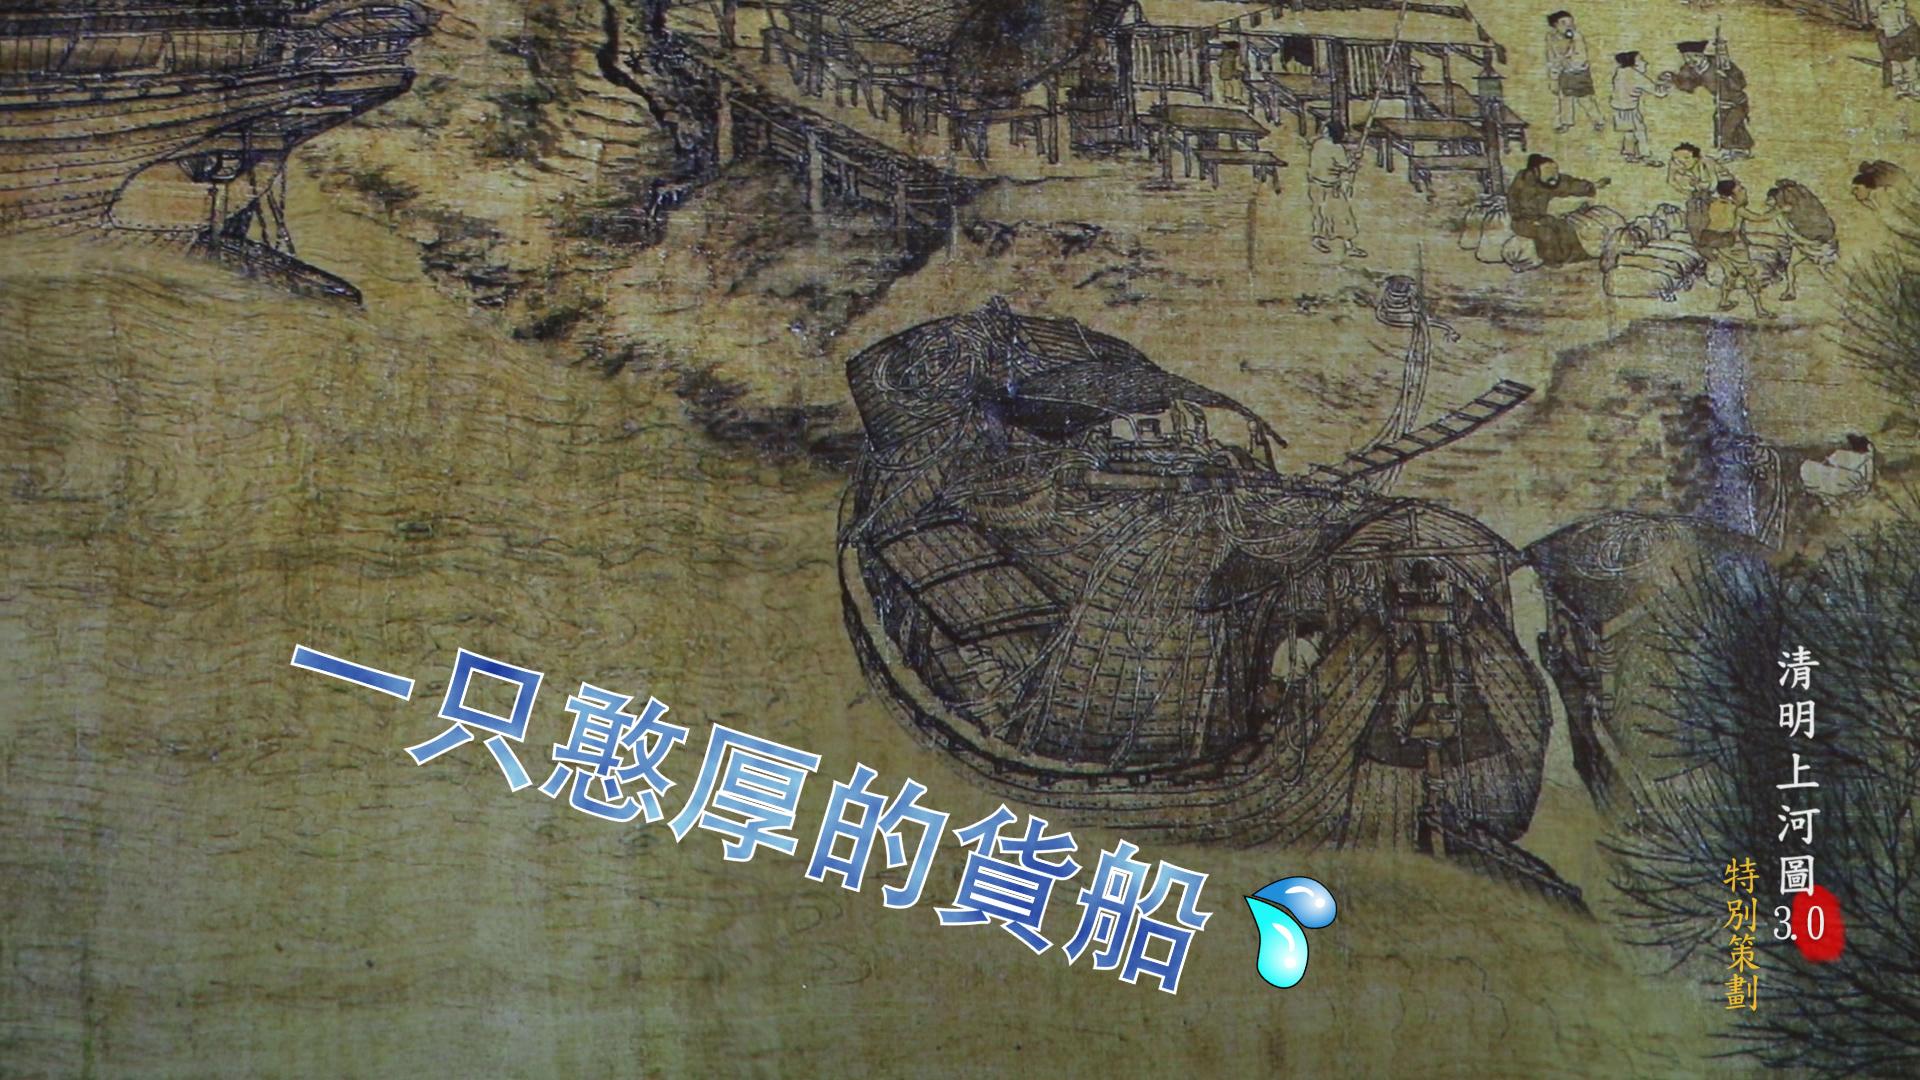 清明上河图3.0丨宋代''海上瓷器之路''